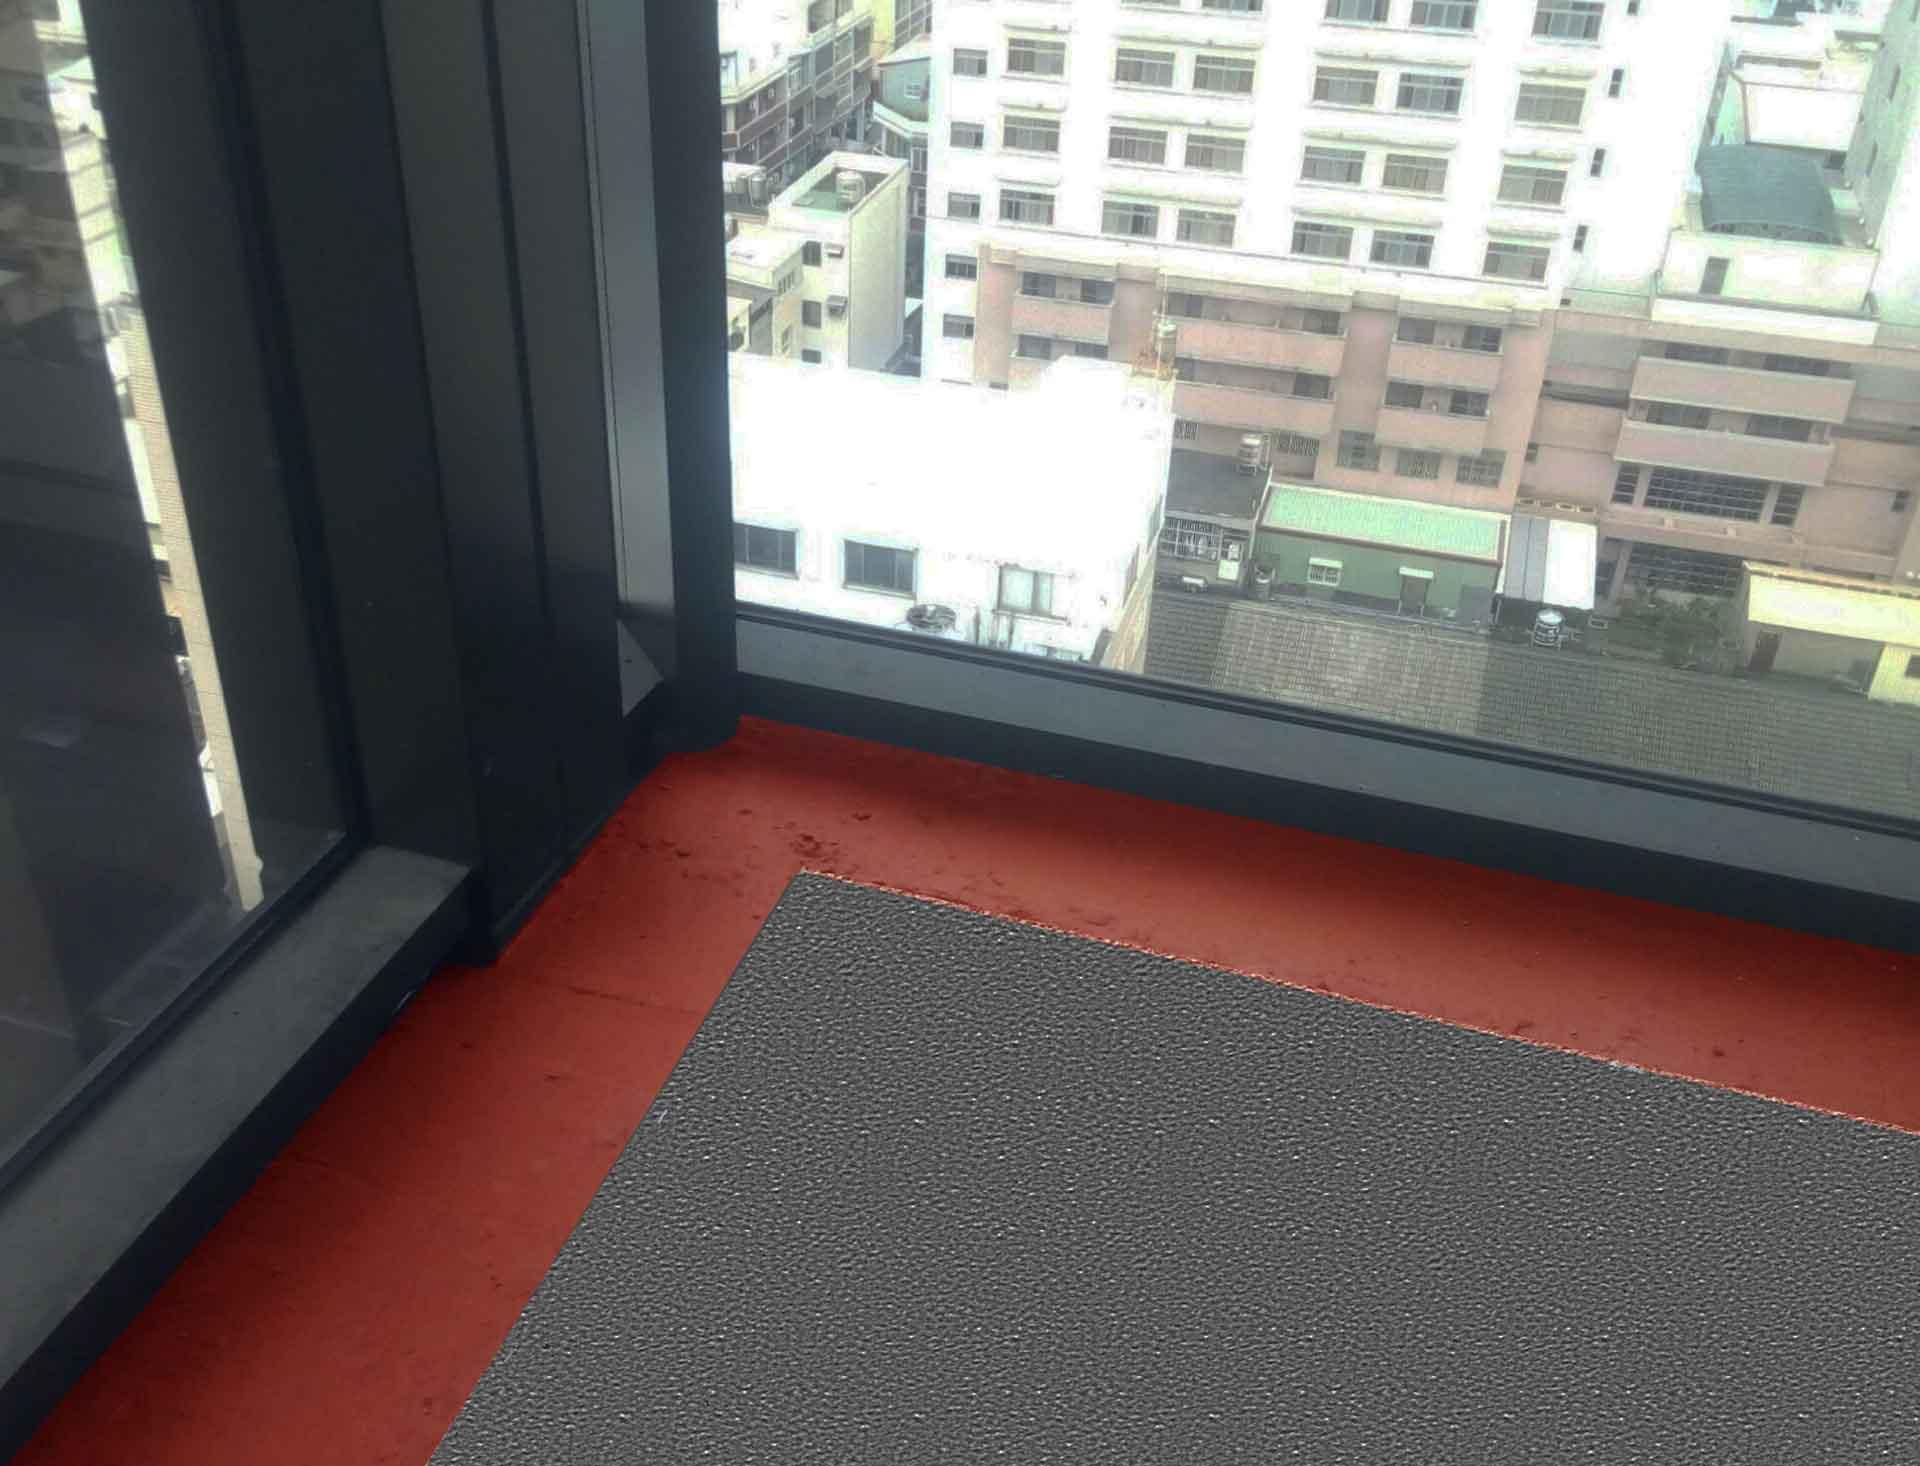 磚紅色構造為乾掛式外牆(如玻璃帷幕牆......)與樓板間之防火層間塞。